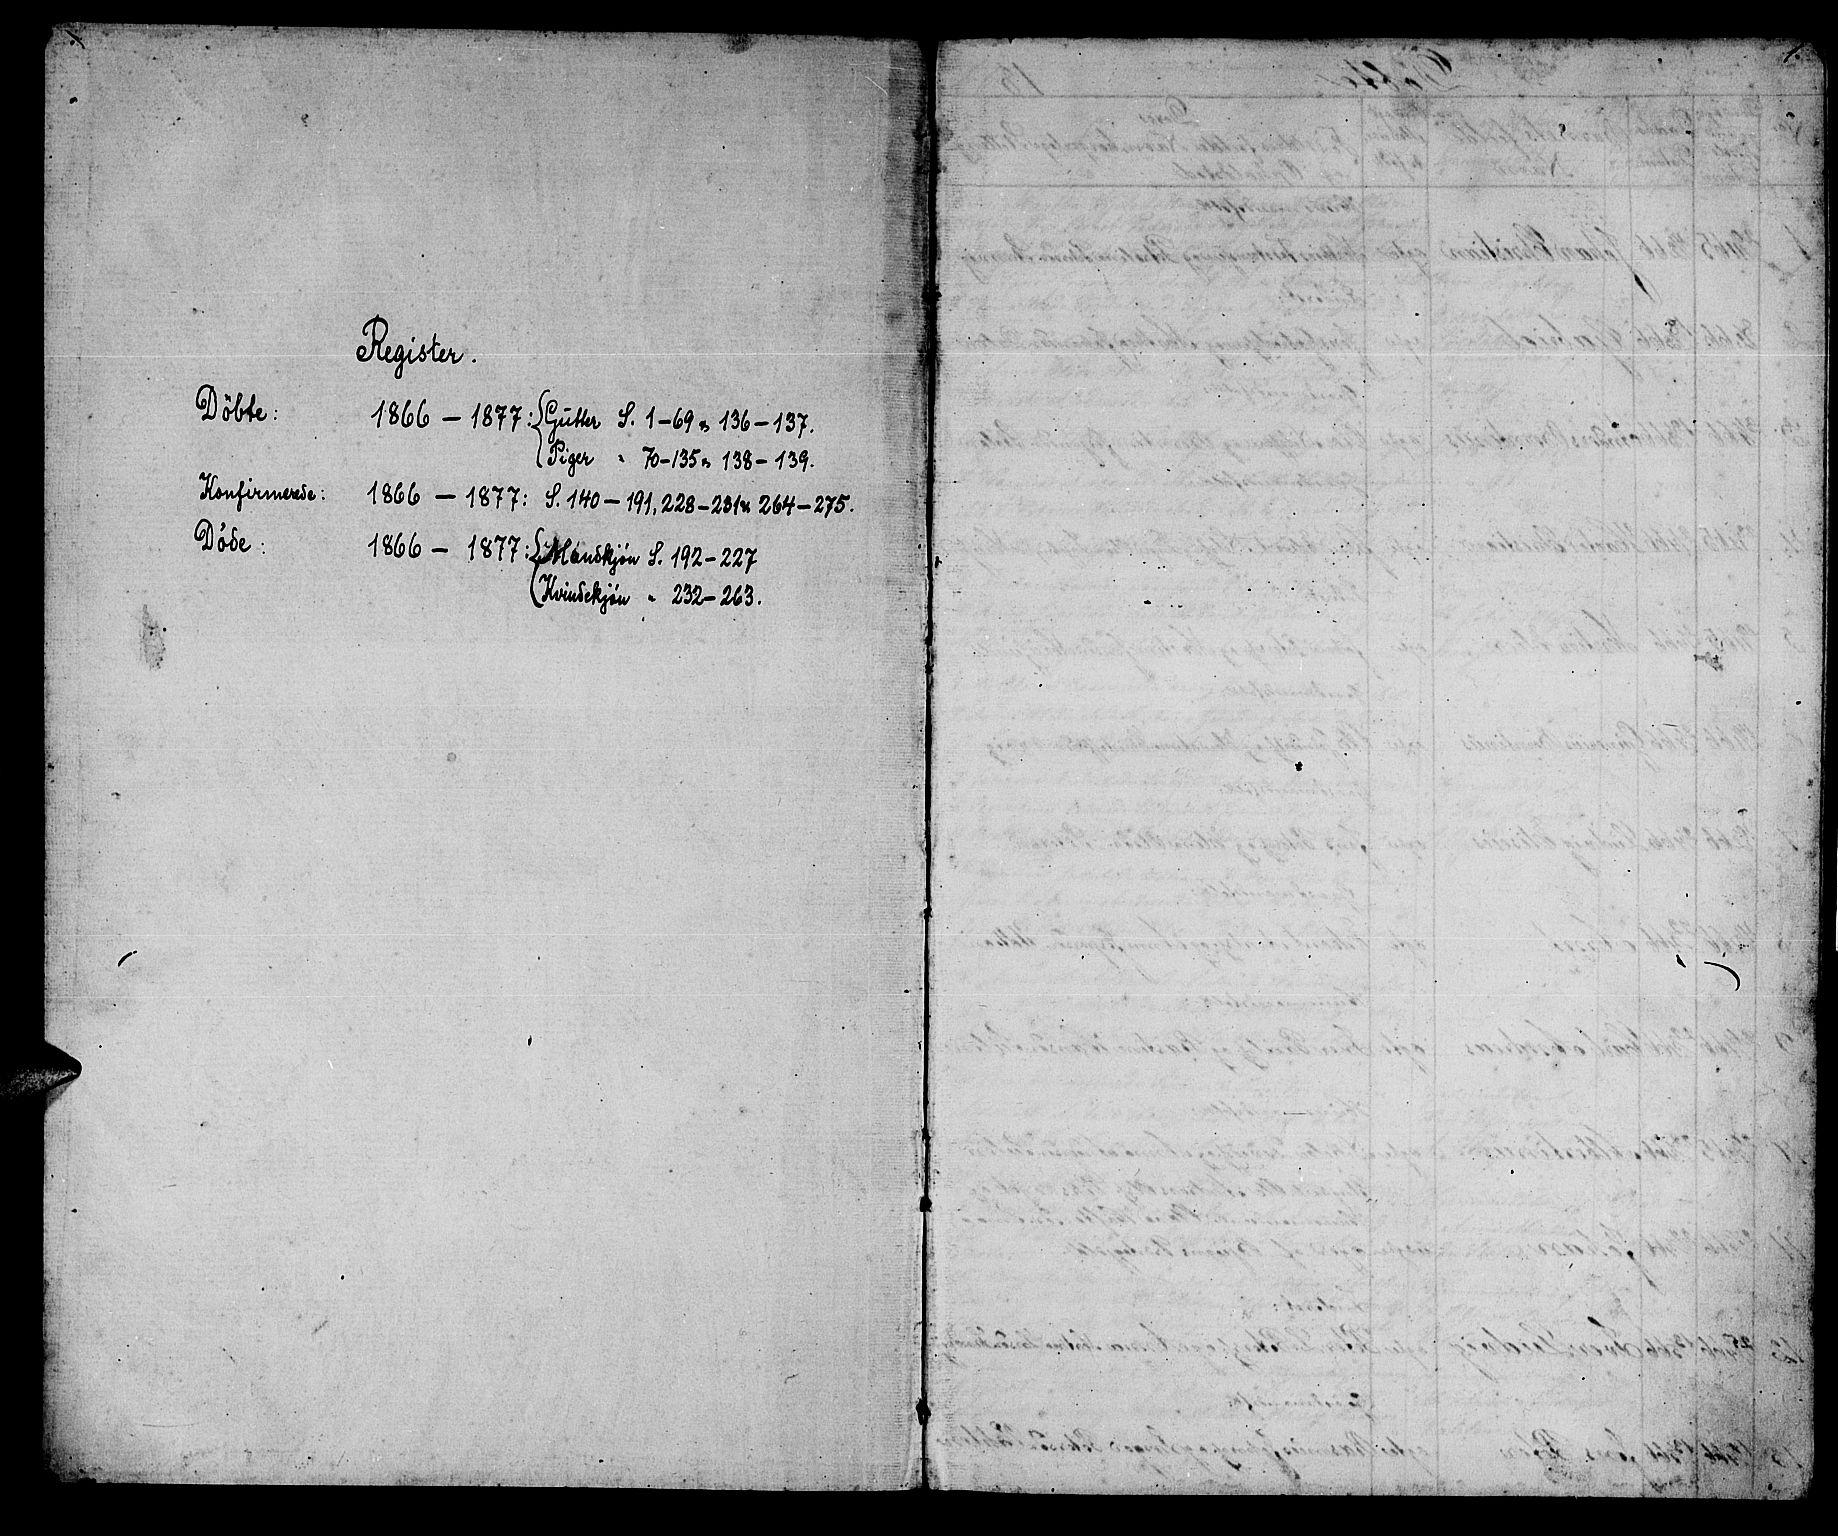 SAT, Ministerialprotokoller, klokkerbøker og fødselsregistre - Sør-Trøndelag, 640/L0583: Klokkerbok nr. 640C01, 1866-1877, s. 0-1